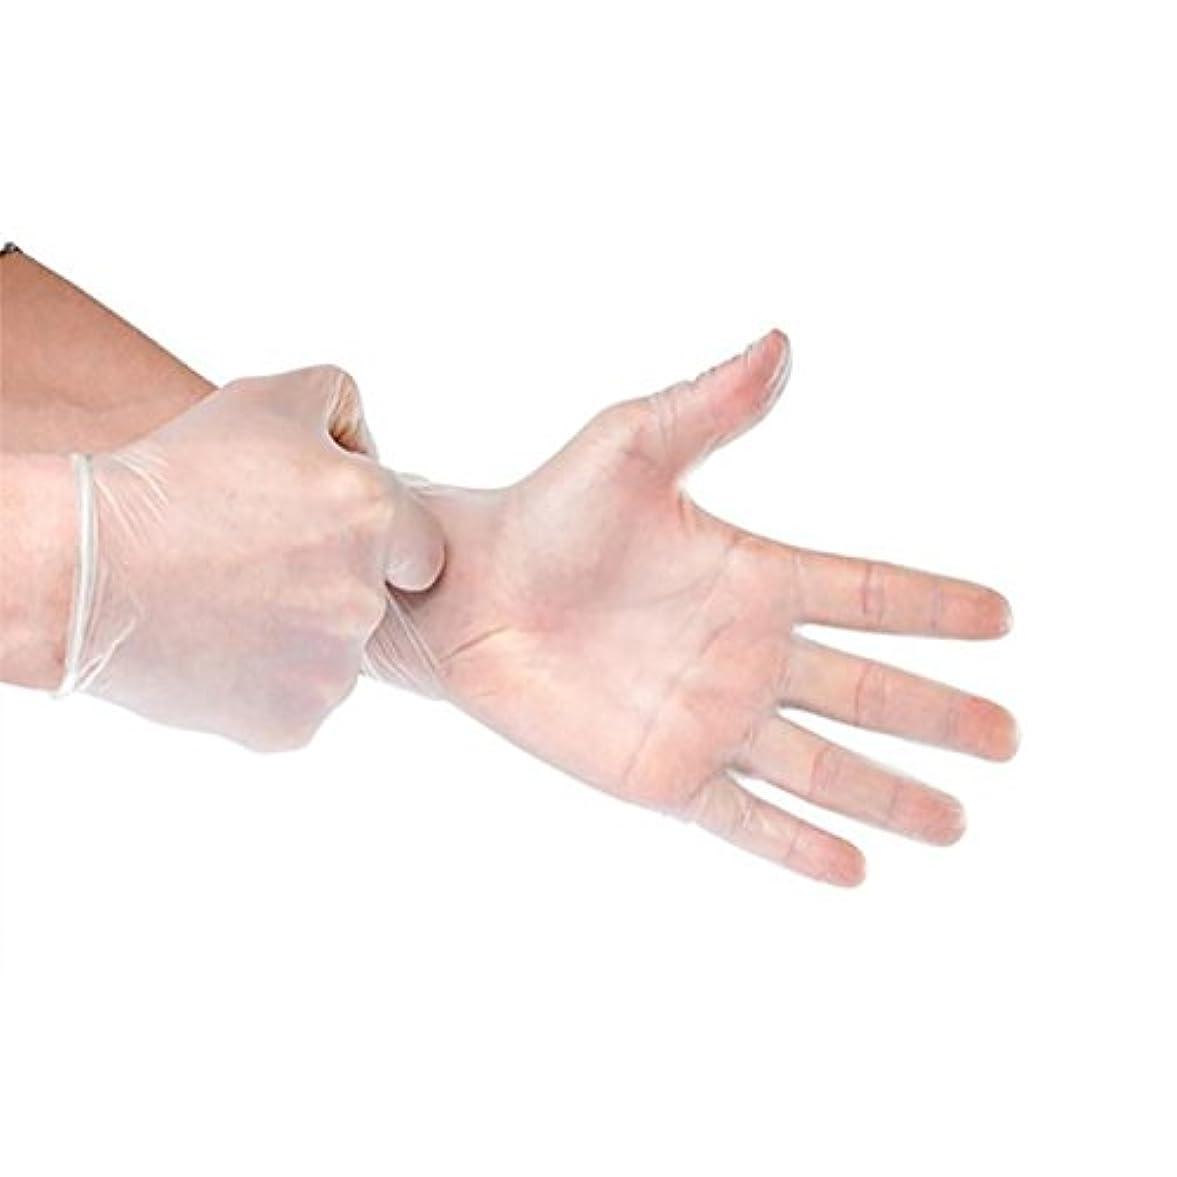 植物学者安いです踏み台Cozyswan 使い捨て手袋 100枚入り 粉なし検査 料理 絵 清潔 掃除 ペット管理 size M (透明)